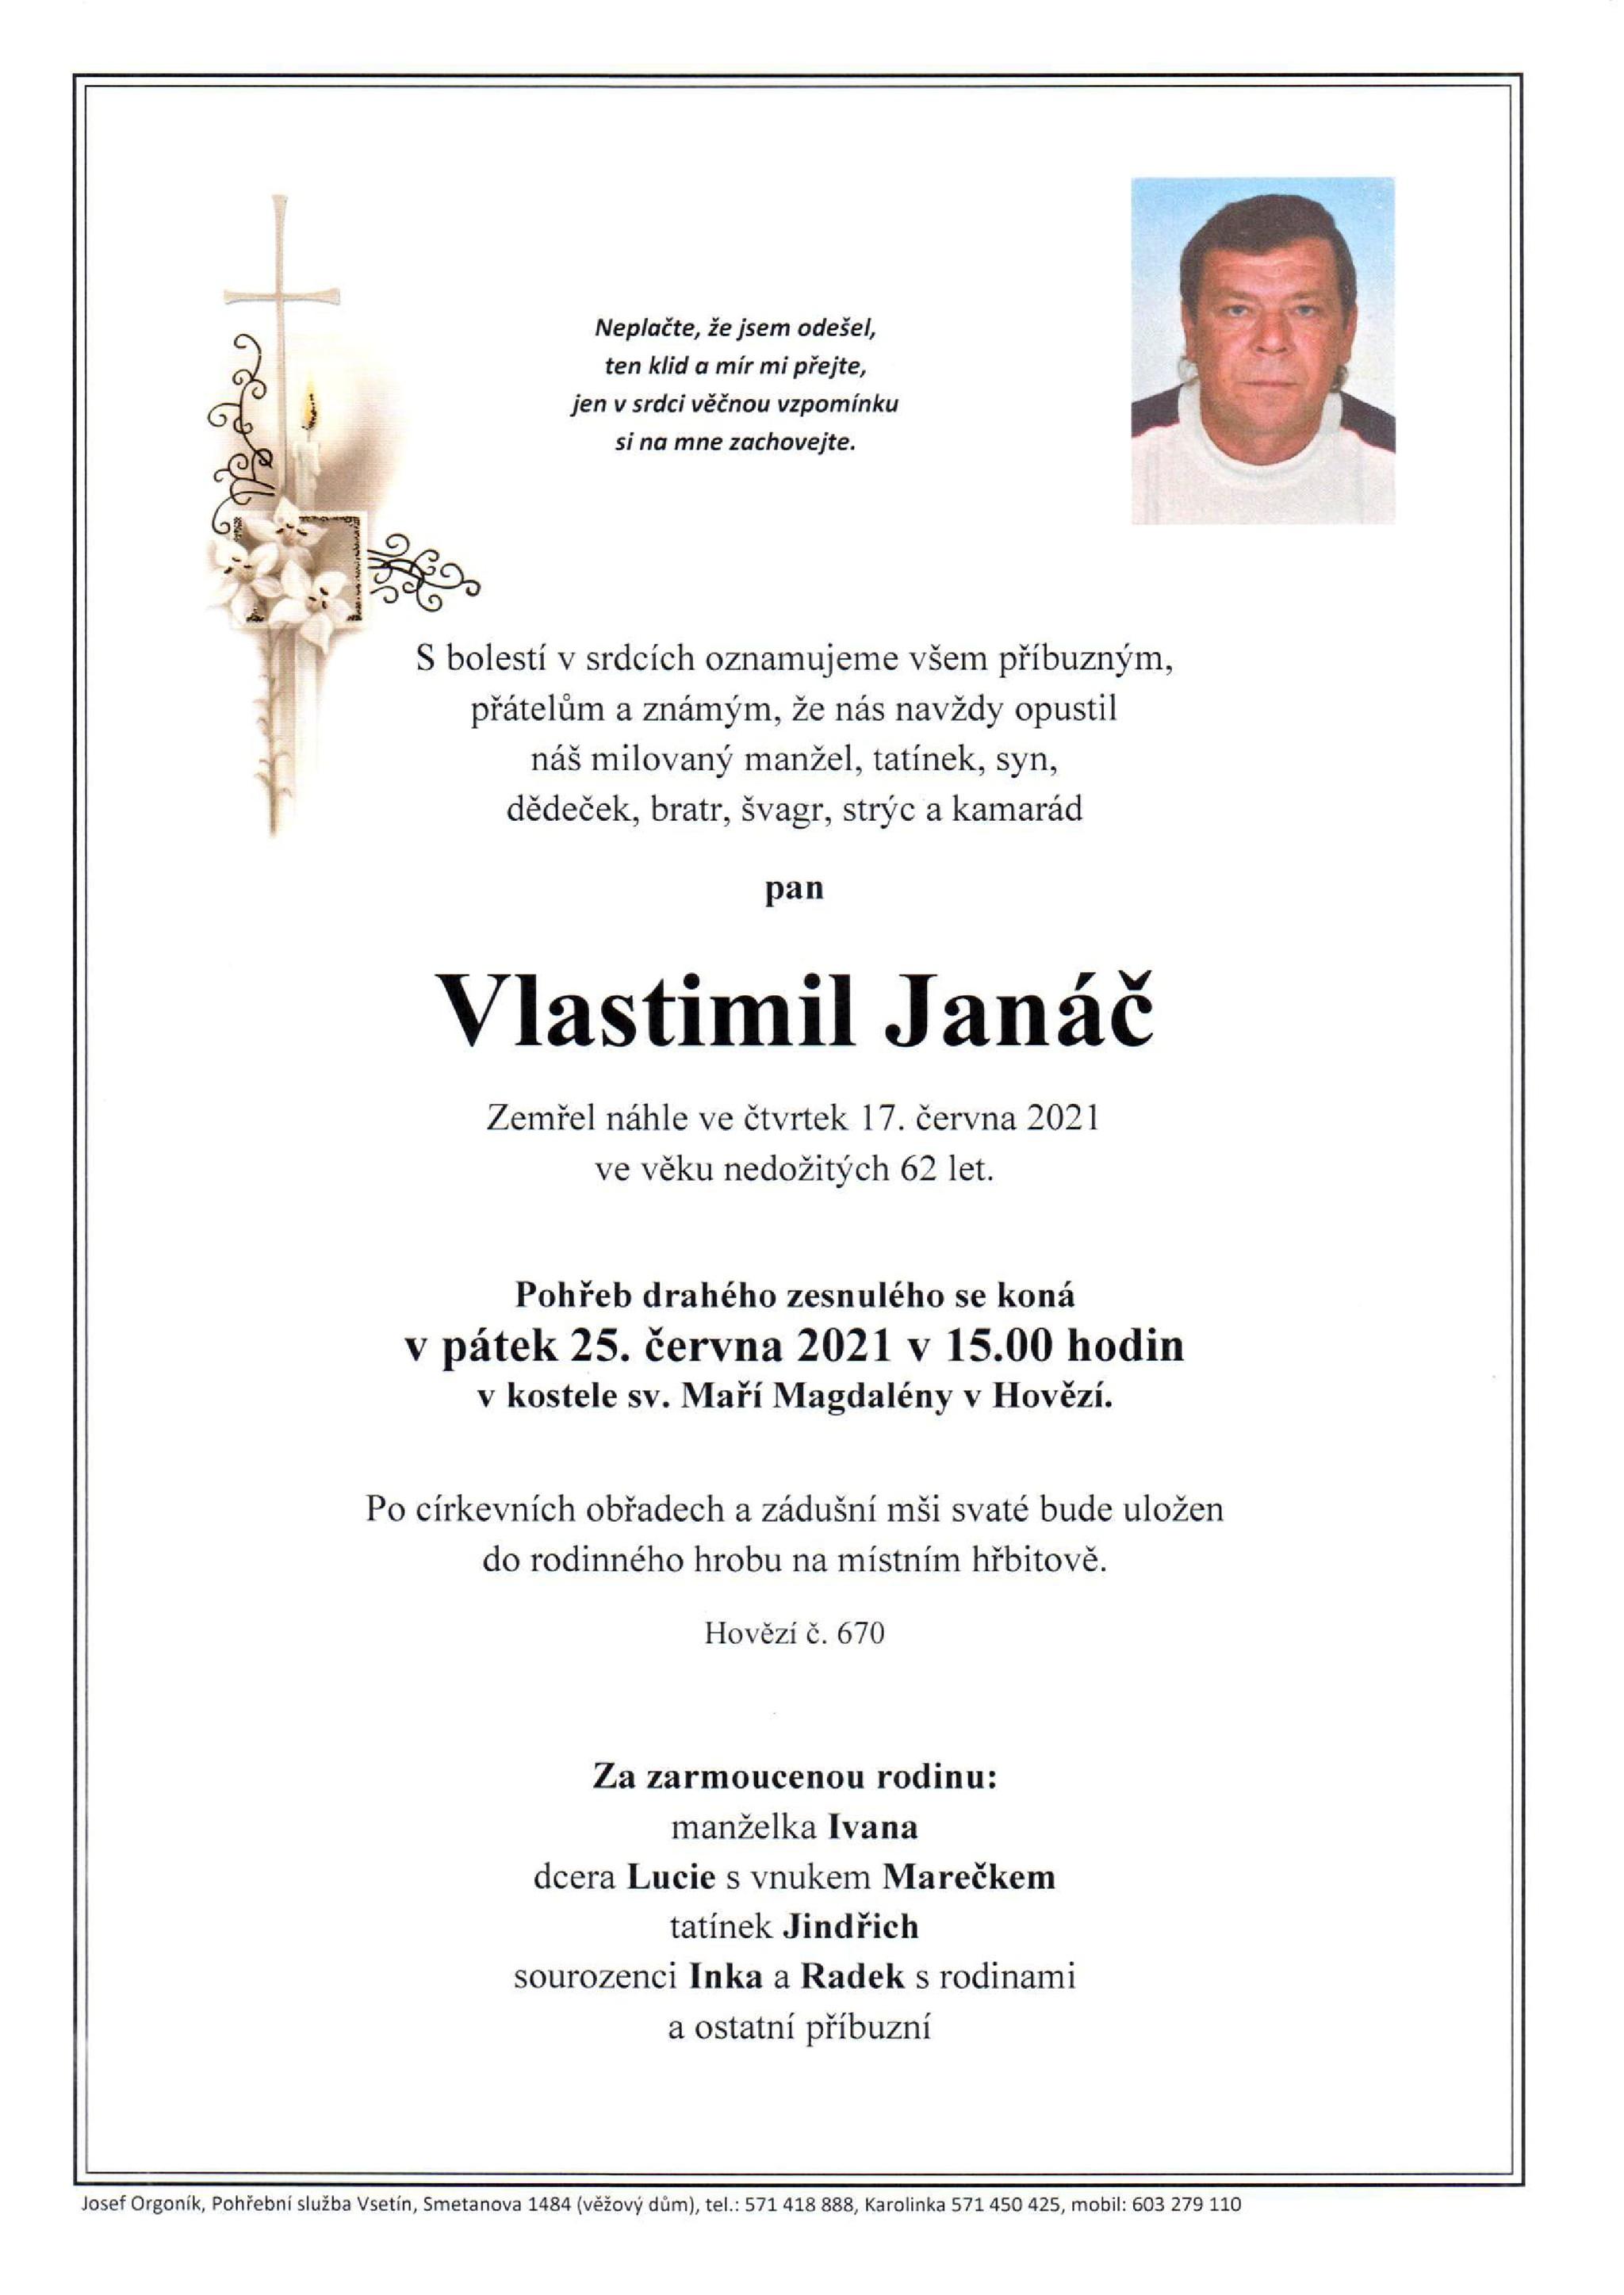 Vlastimil Janáč